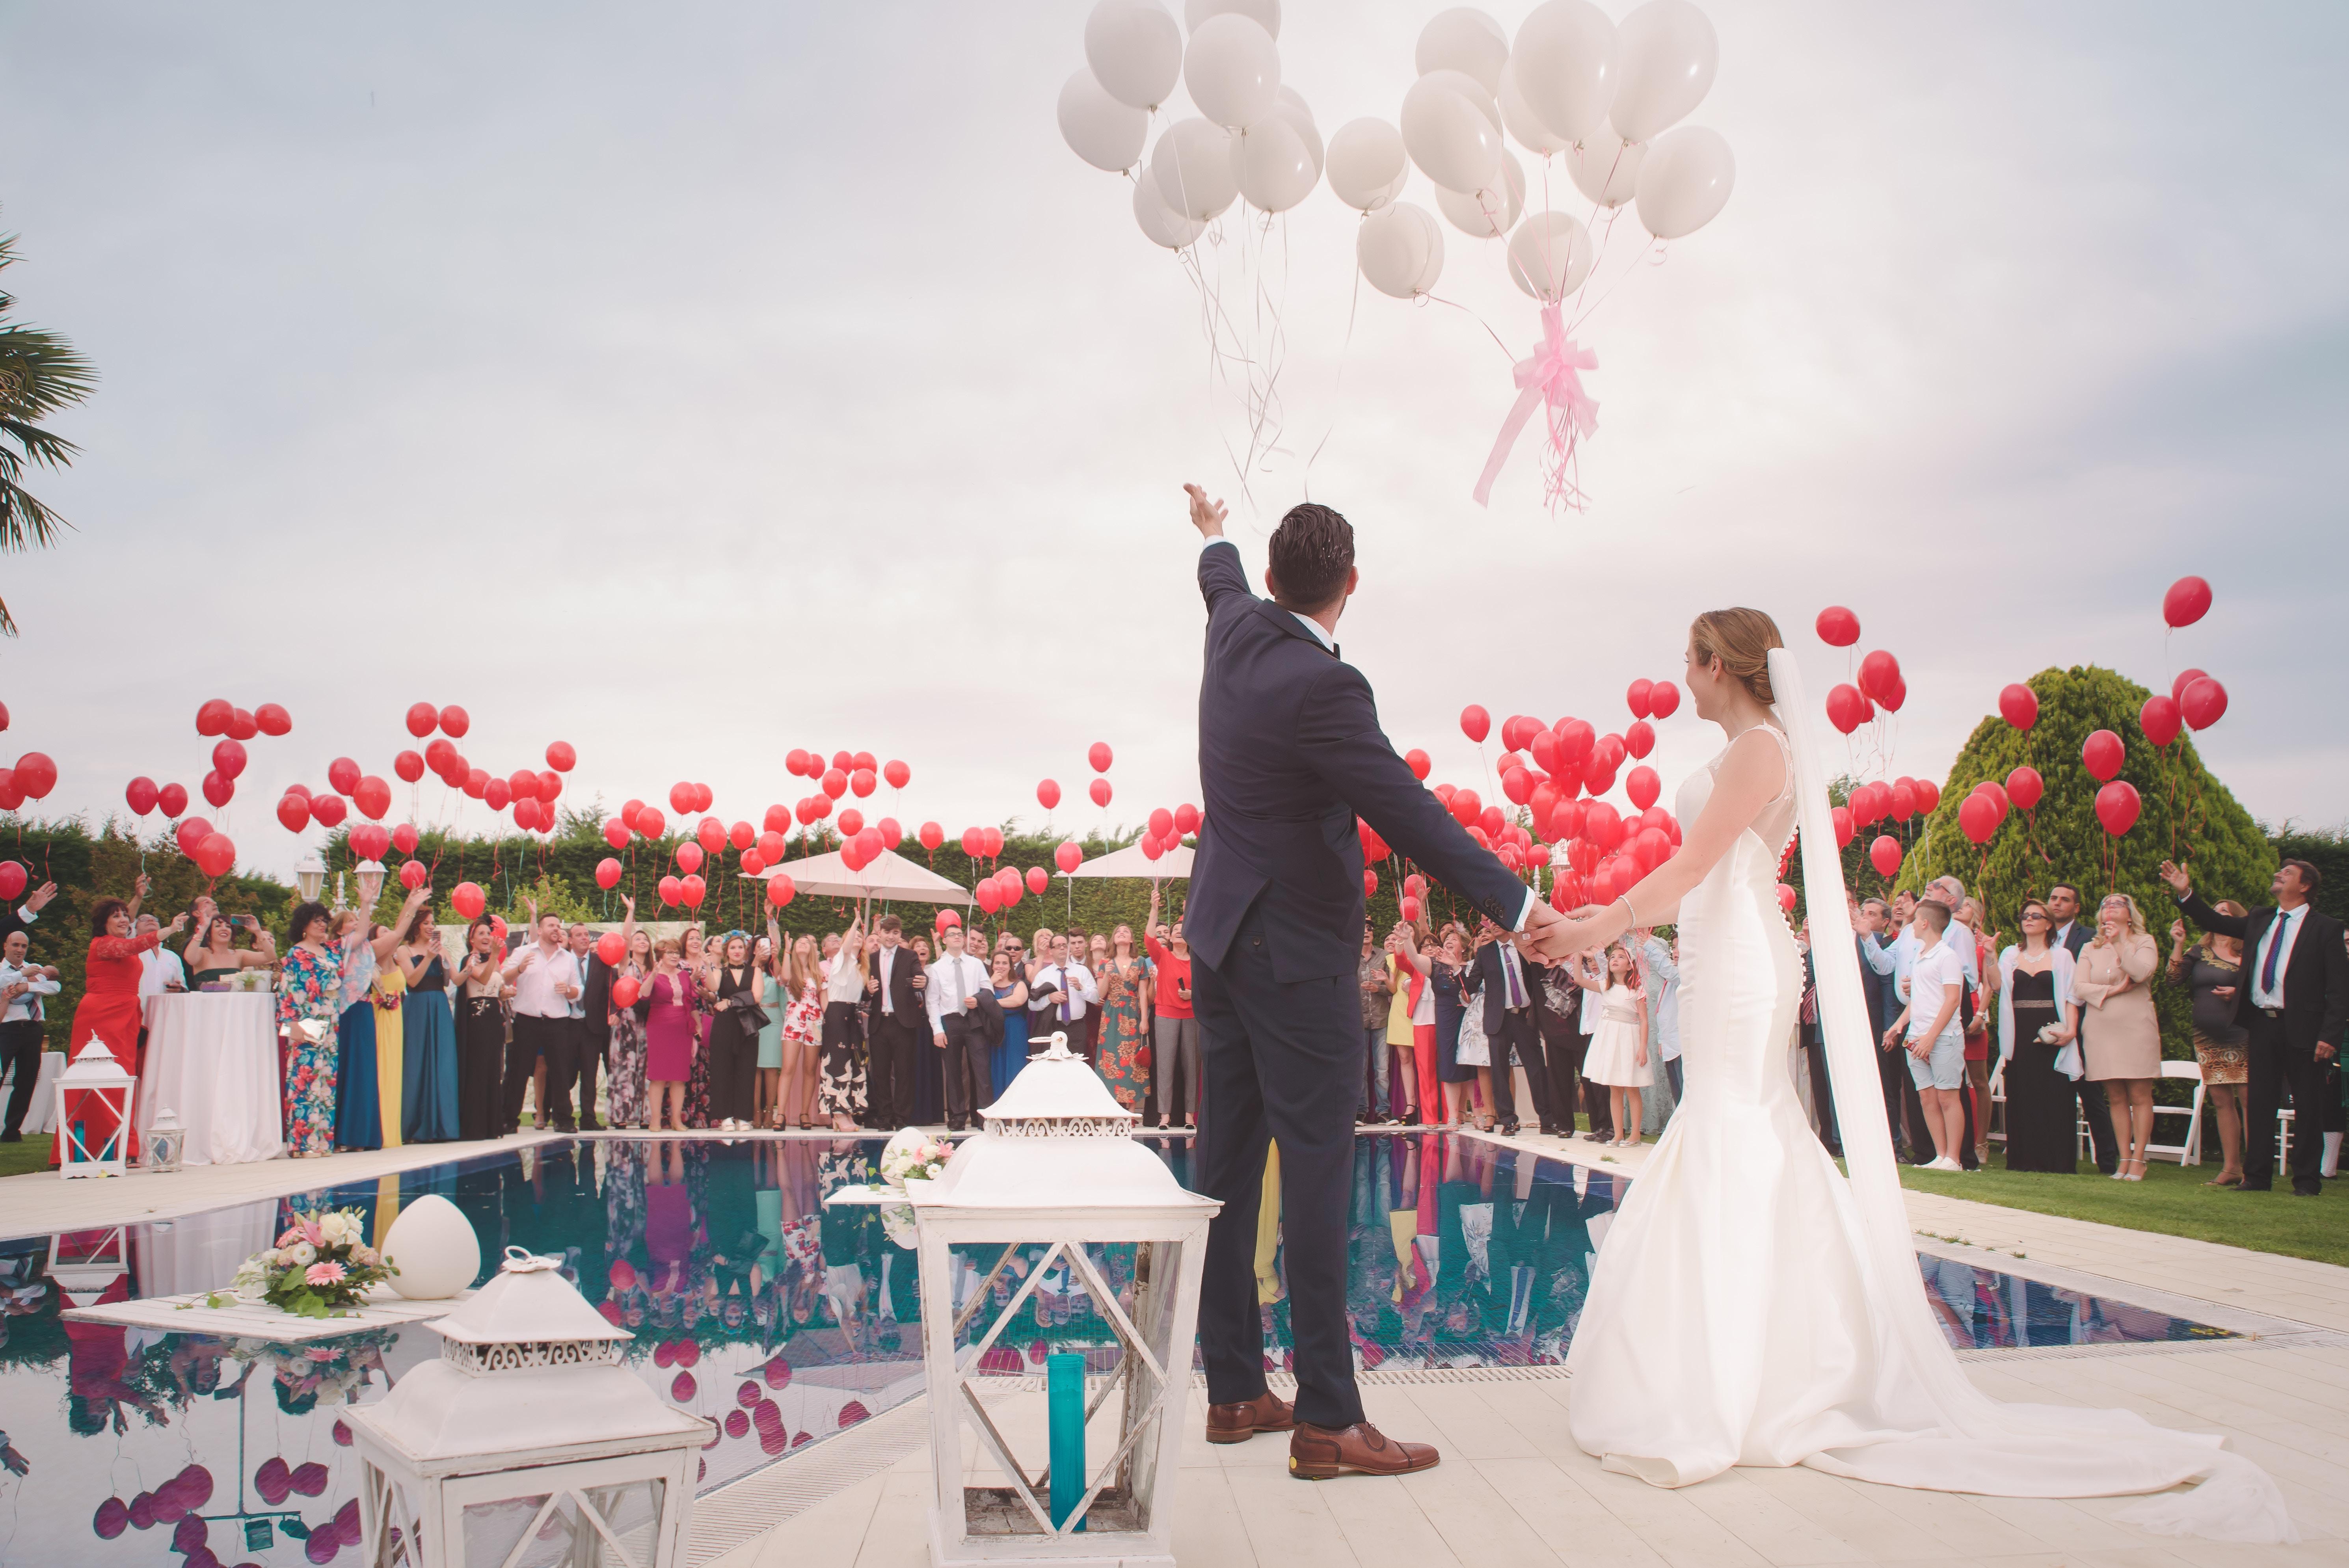 Como determinar a quantidade de convidados ausentes no casamento